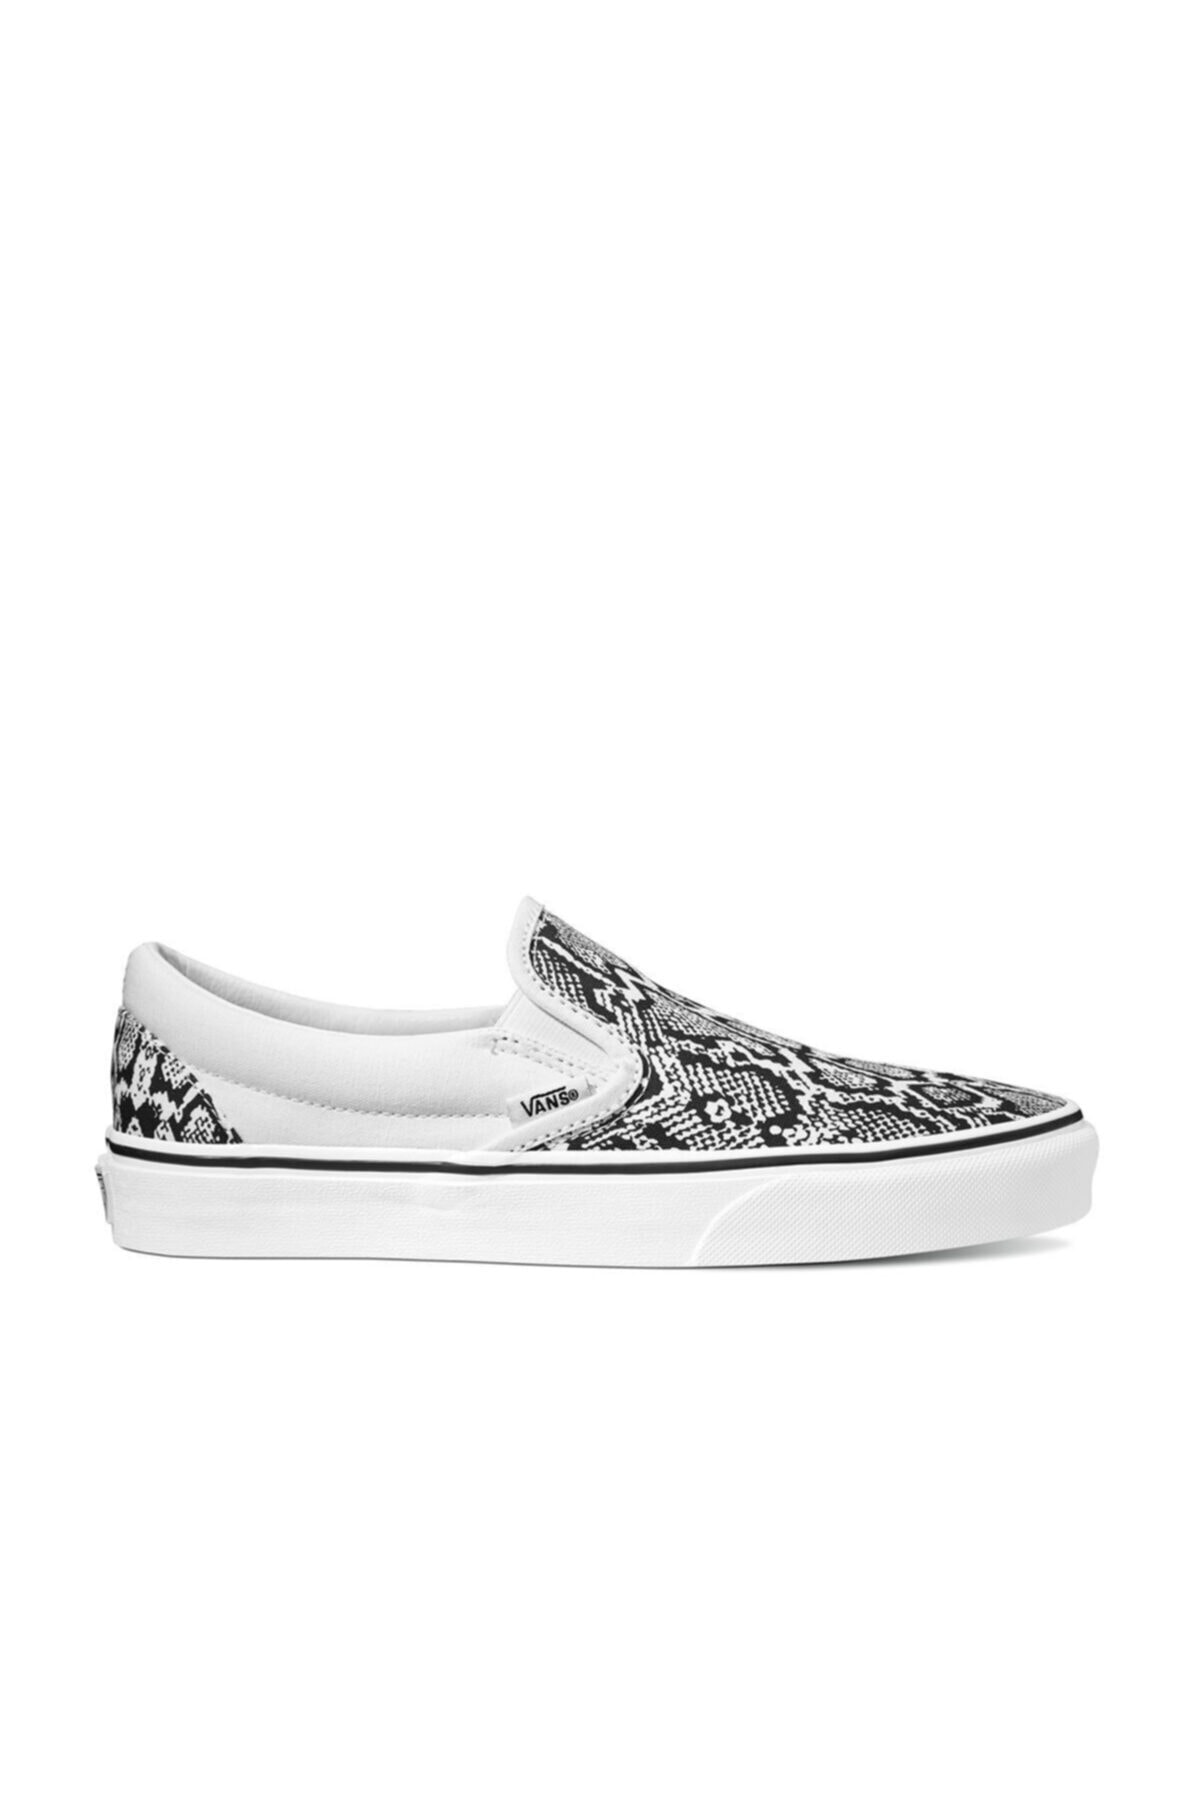 Vans UA CLASSIC SLIP-ON Beyaz Kadın Slip On Ayakkabı 100583587 1